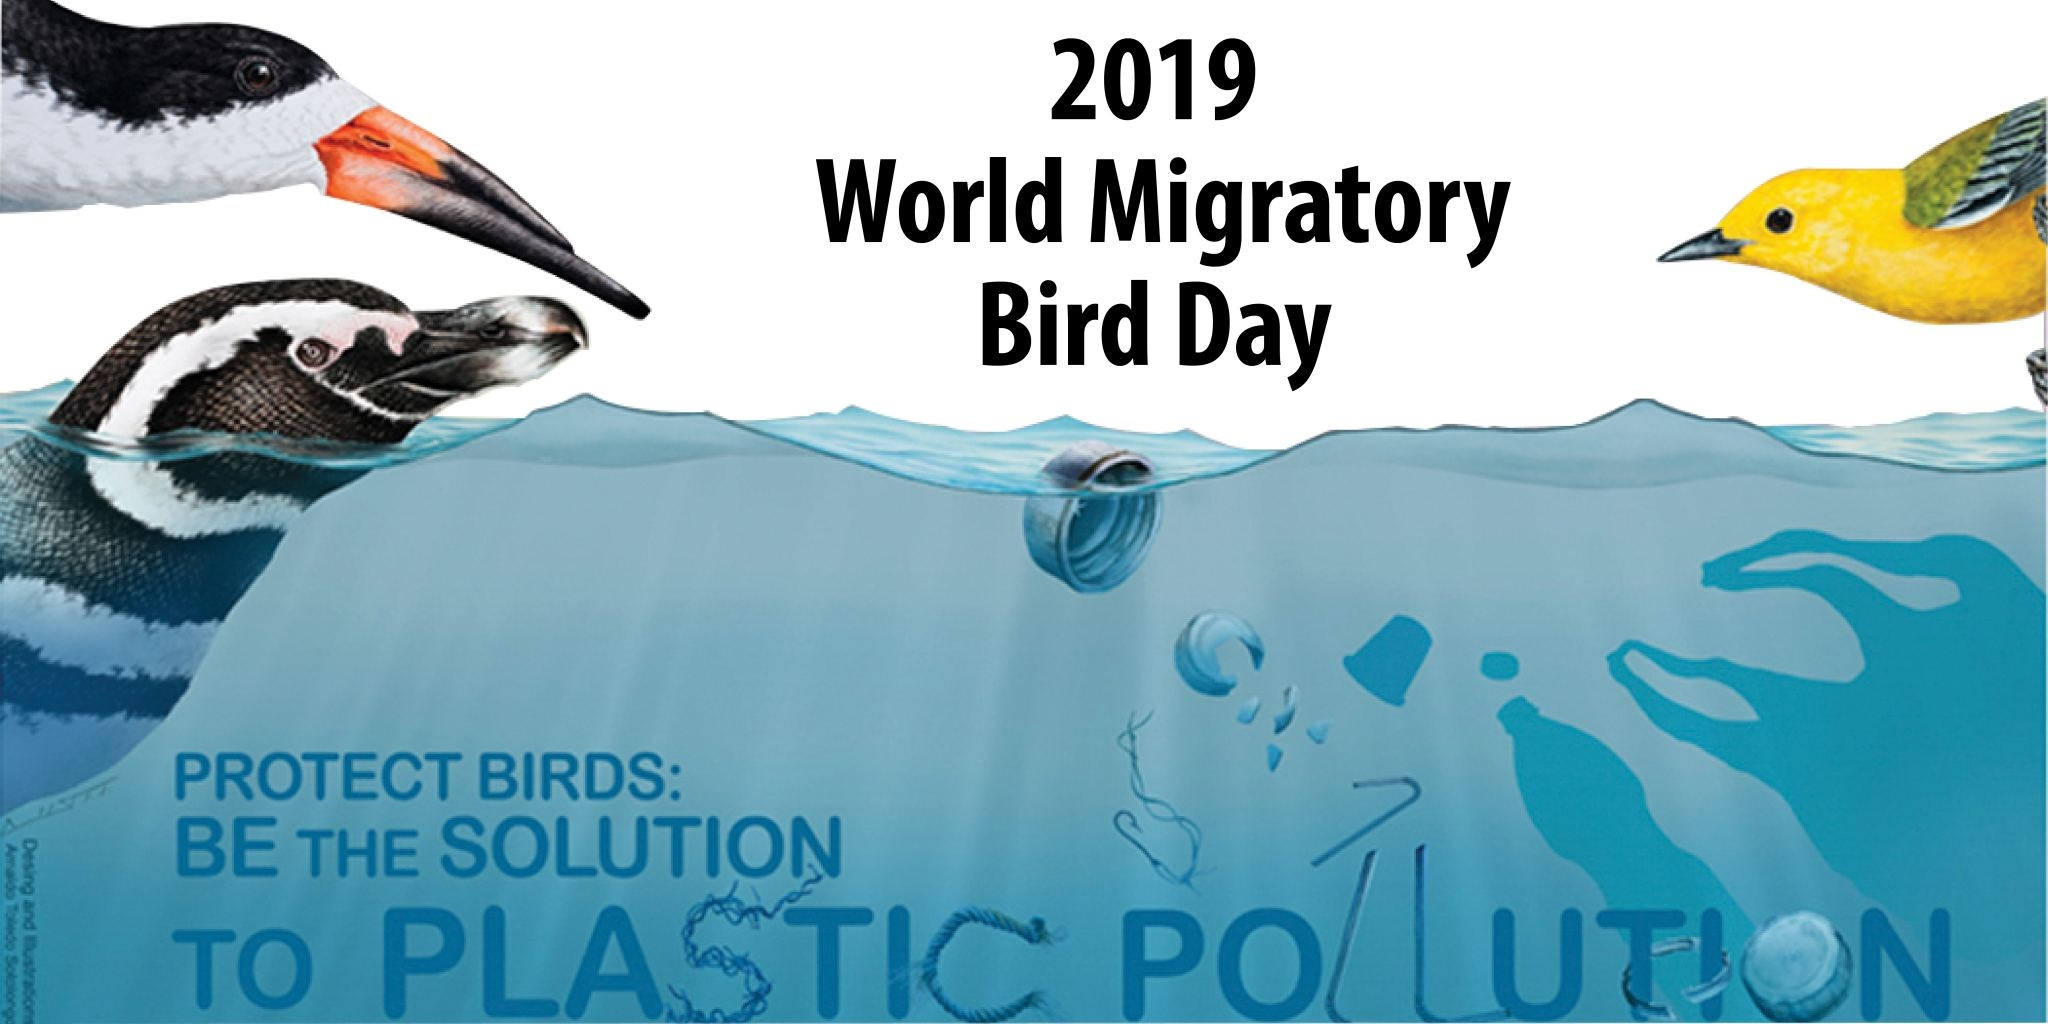 Bird Day 2019